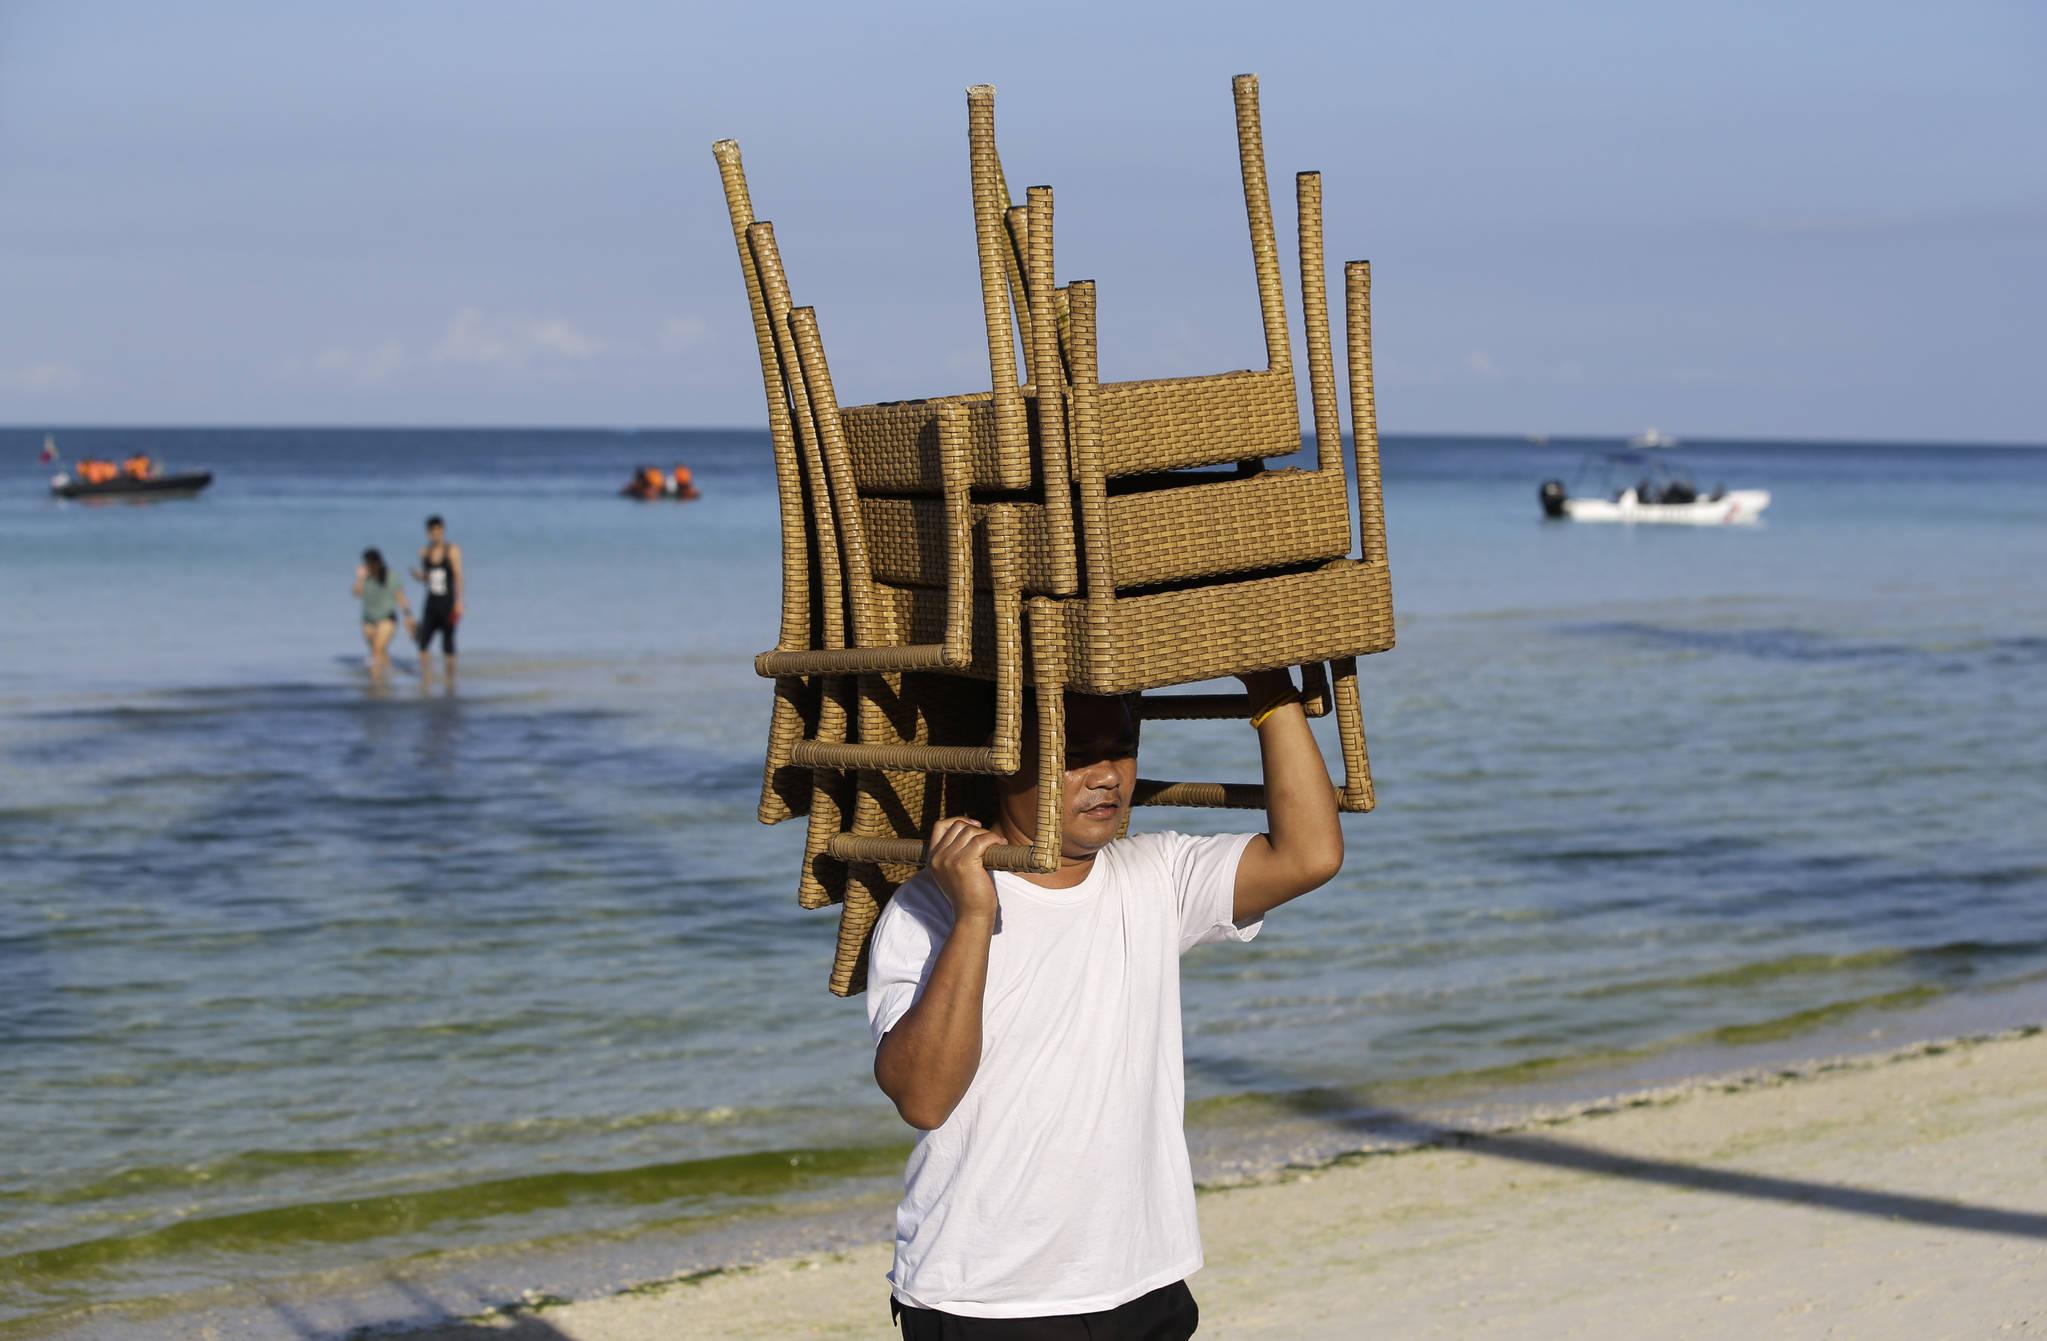 25일 폐쇄를 하루 앞둔 필리핀 보라카이섬. 한 관광업계 종사자가 의자를 치우고 있다. [사진 AP]